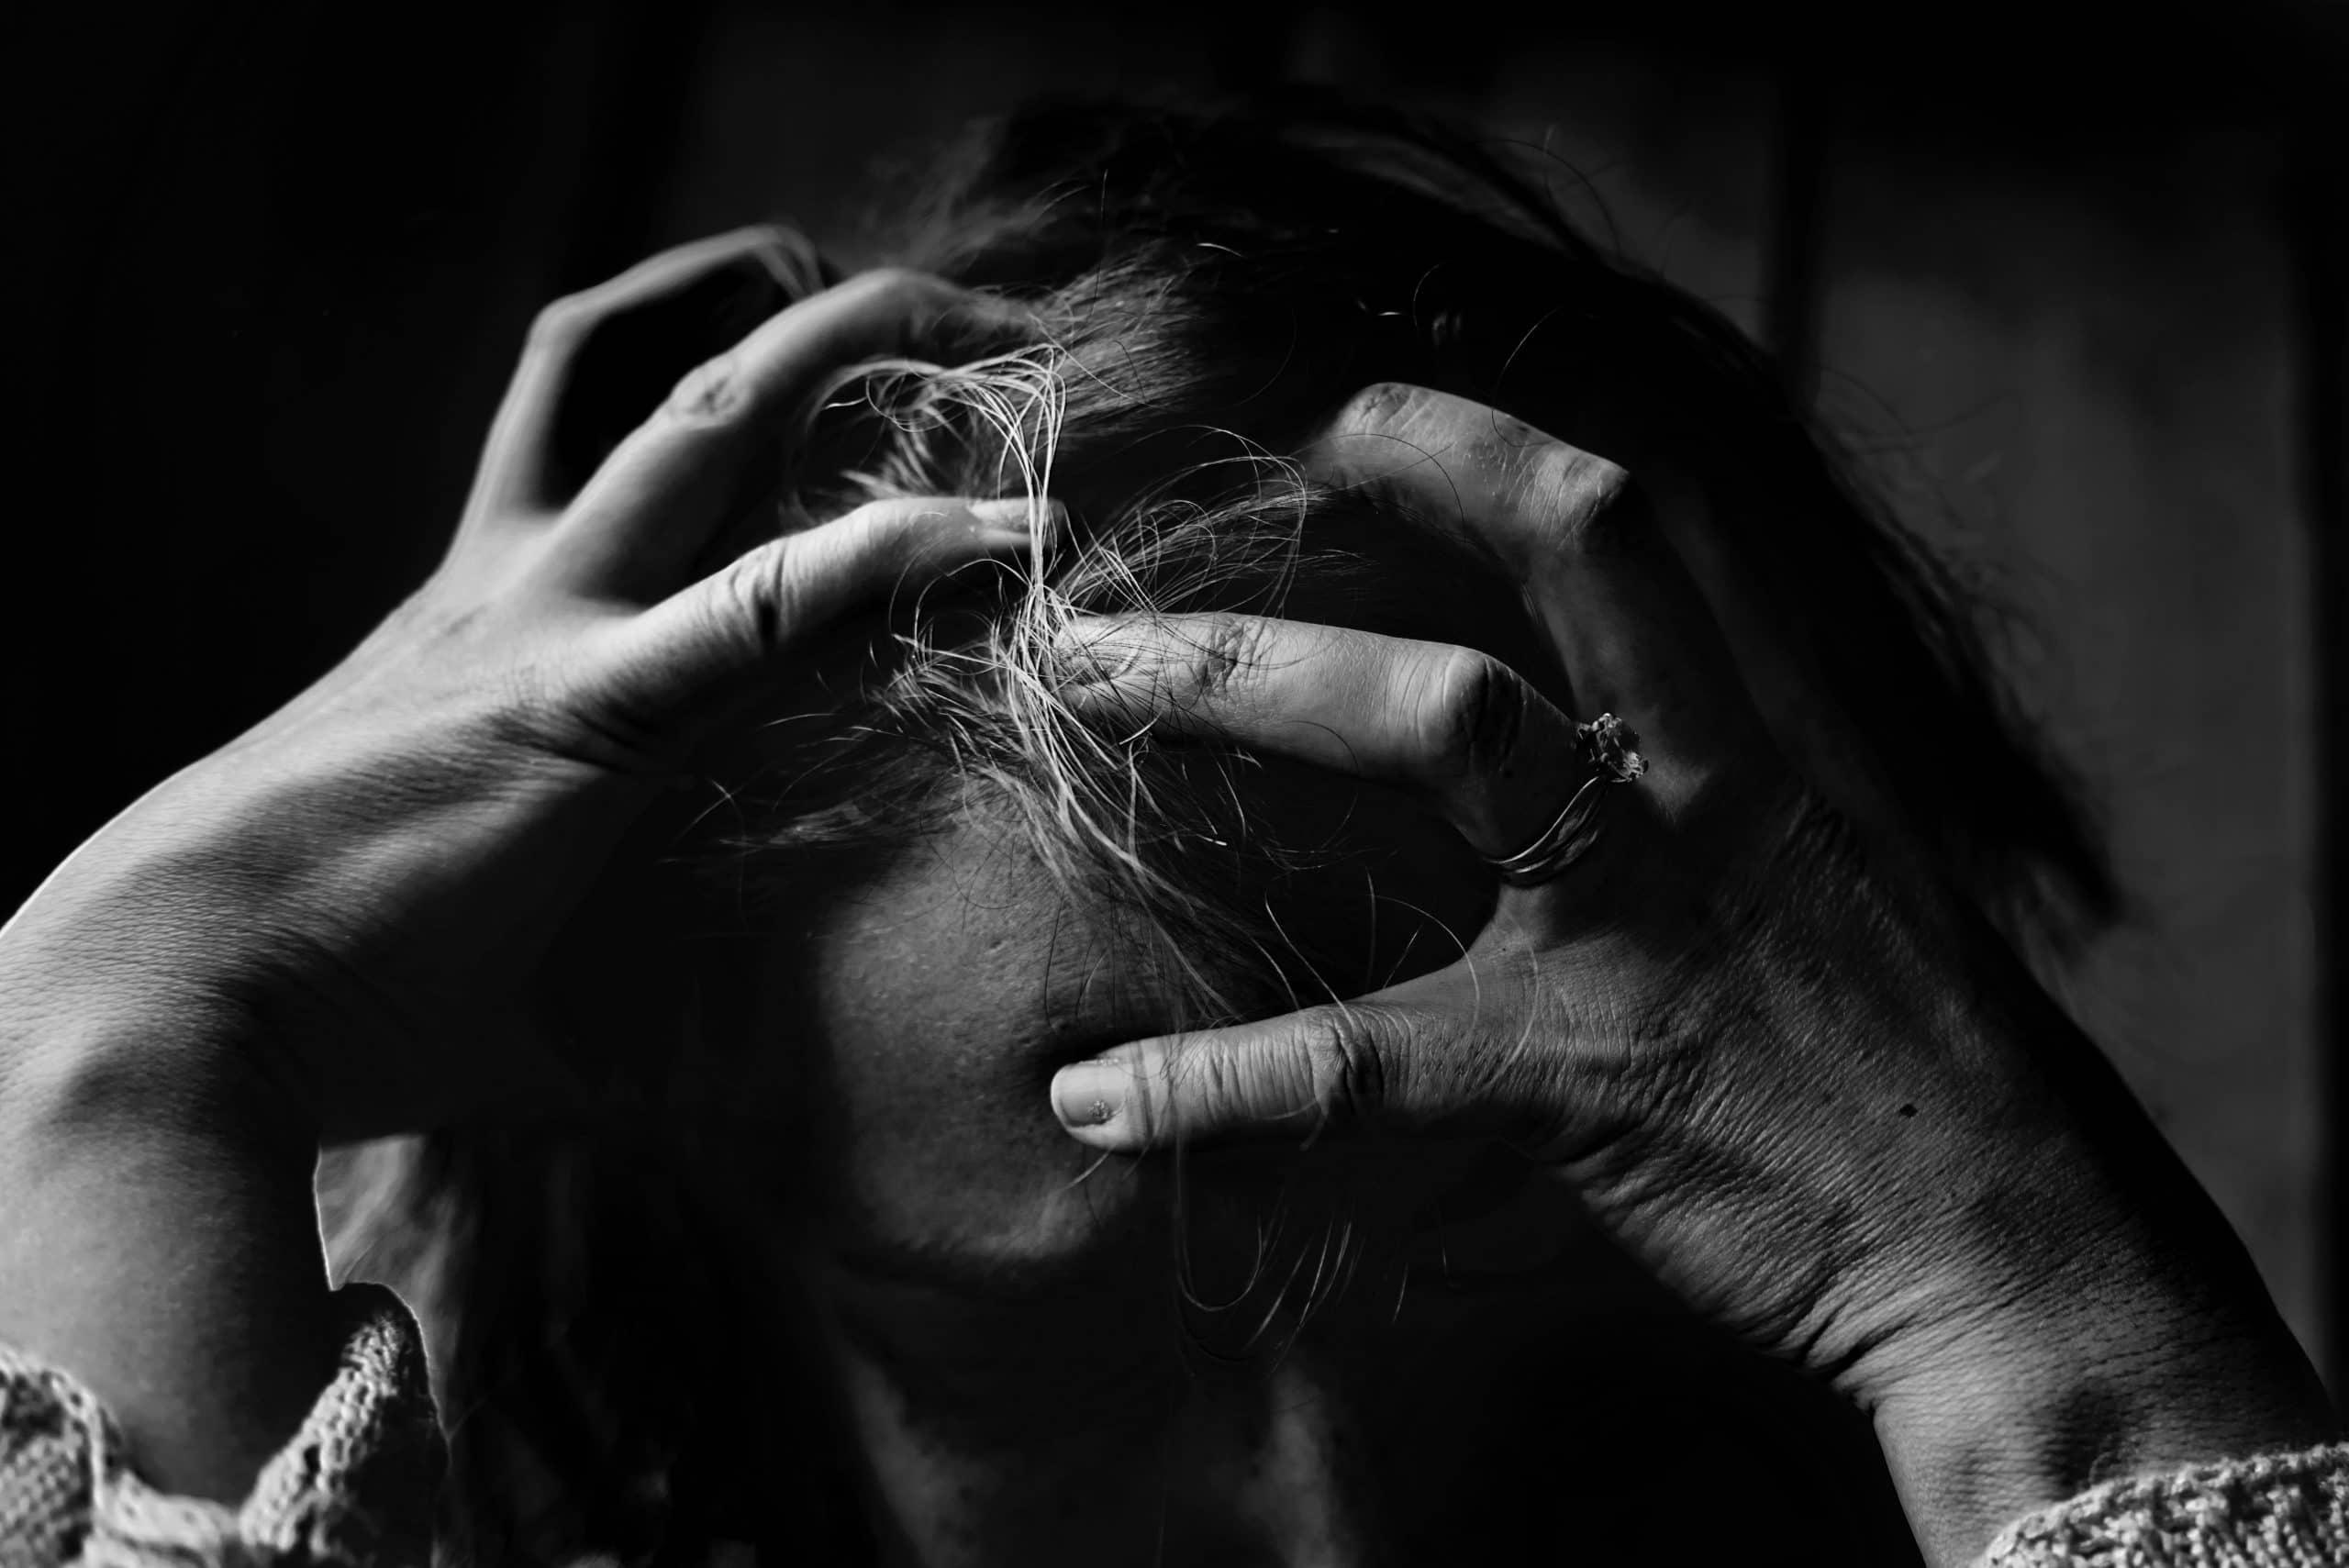 Mulher com as mãos na cabeça em sinal de luto e tristeza.